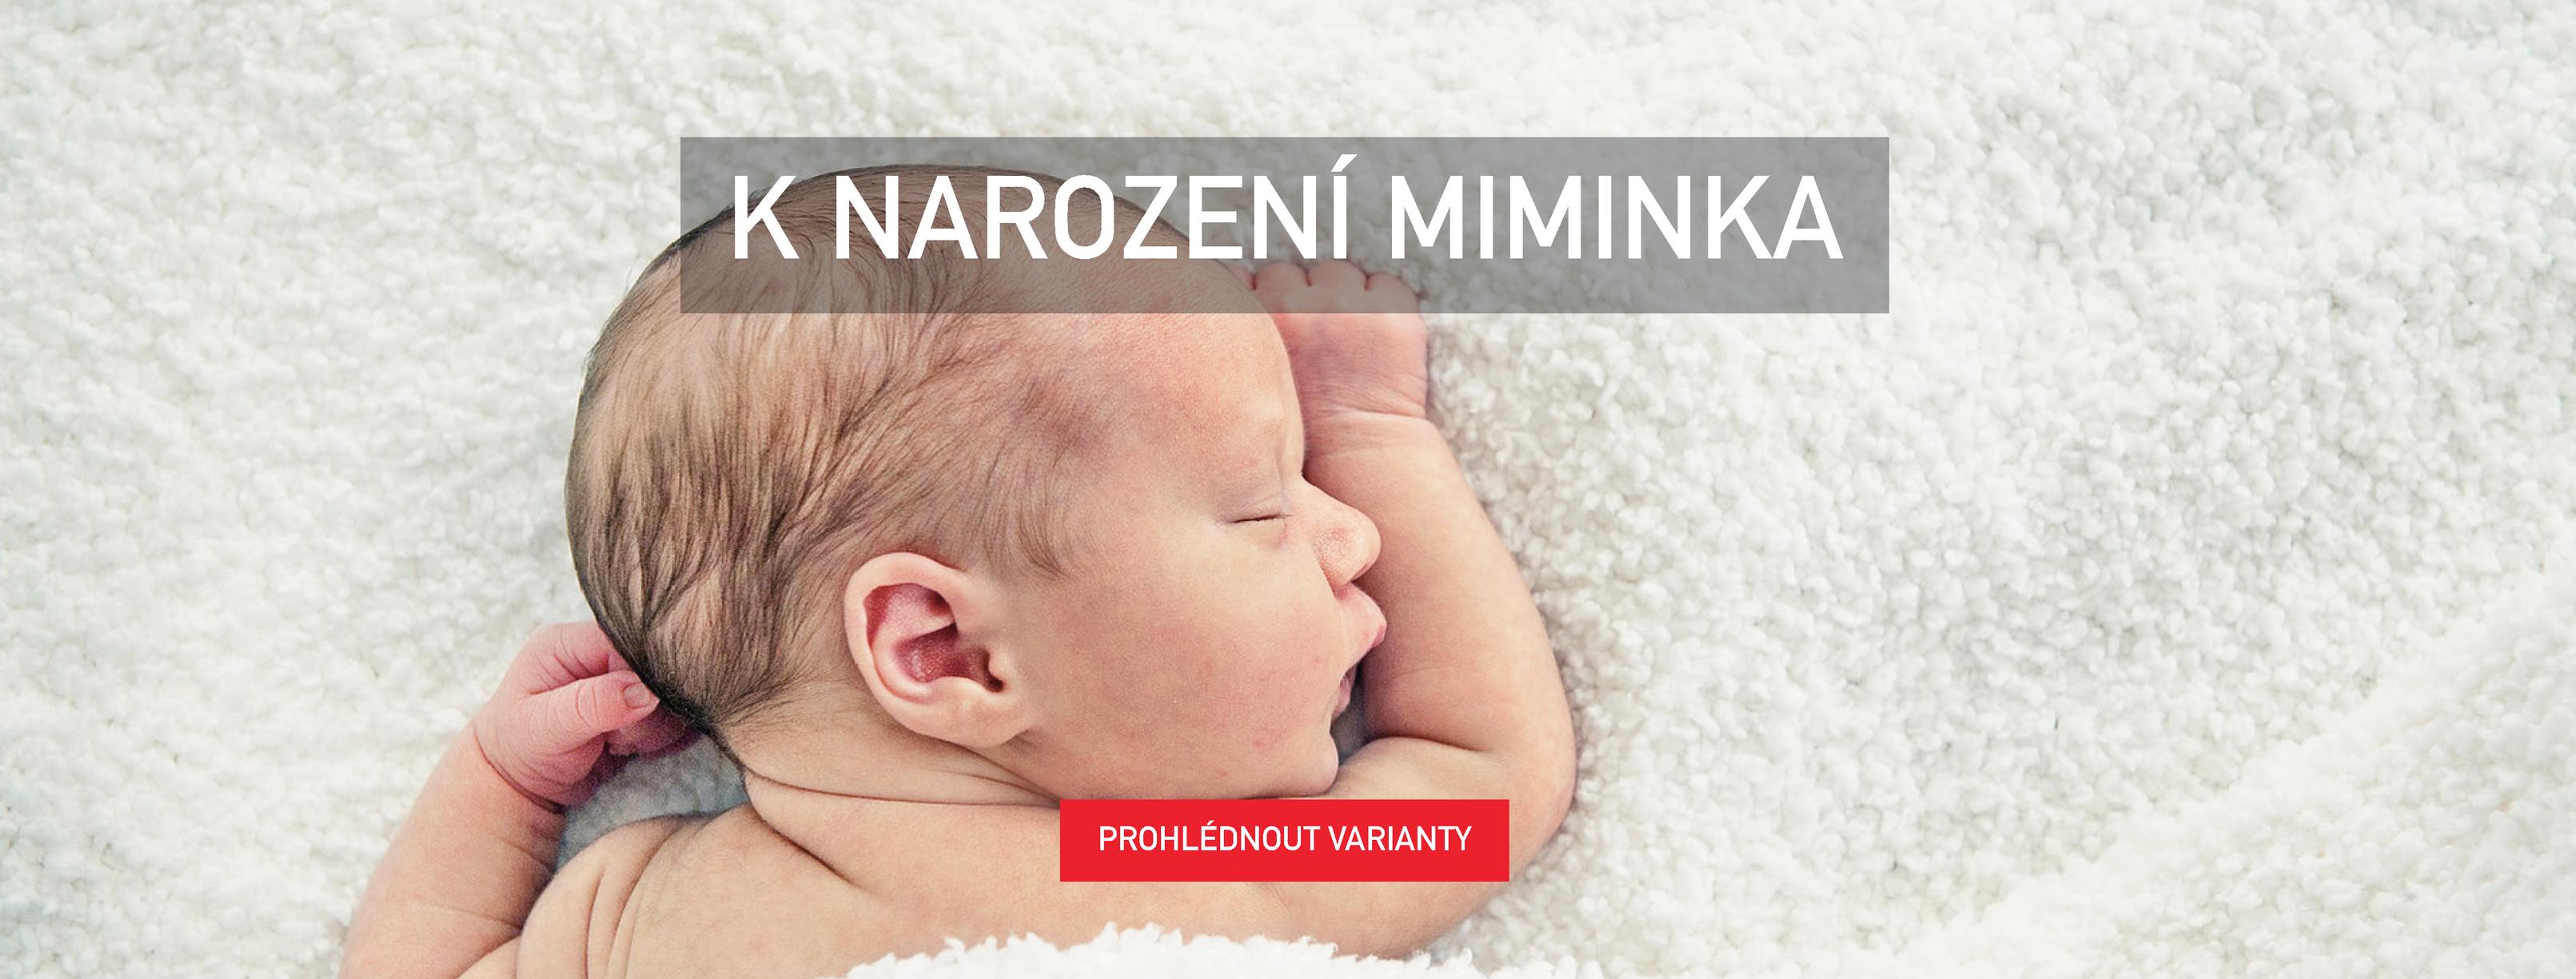 Dárky k narození dítěte, narození miminka, narození novorozeně